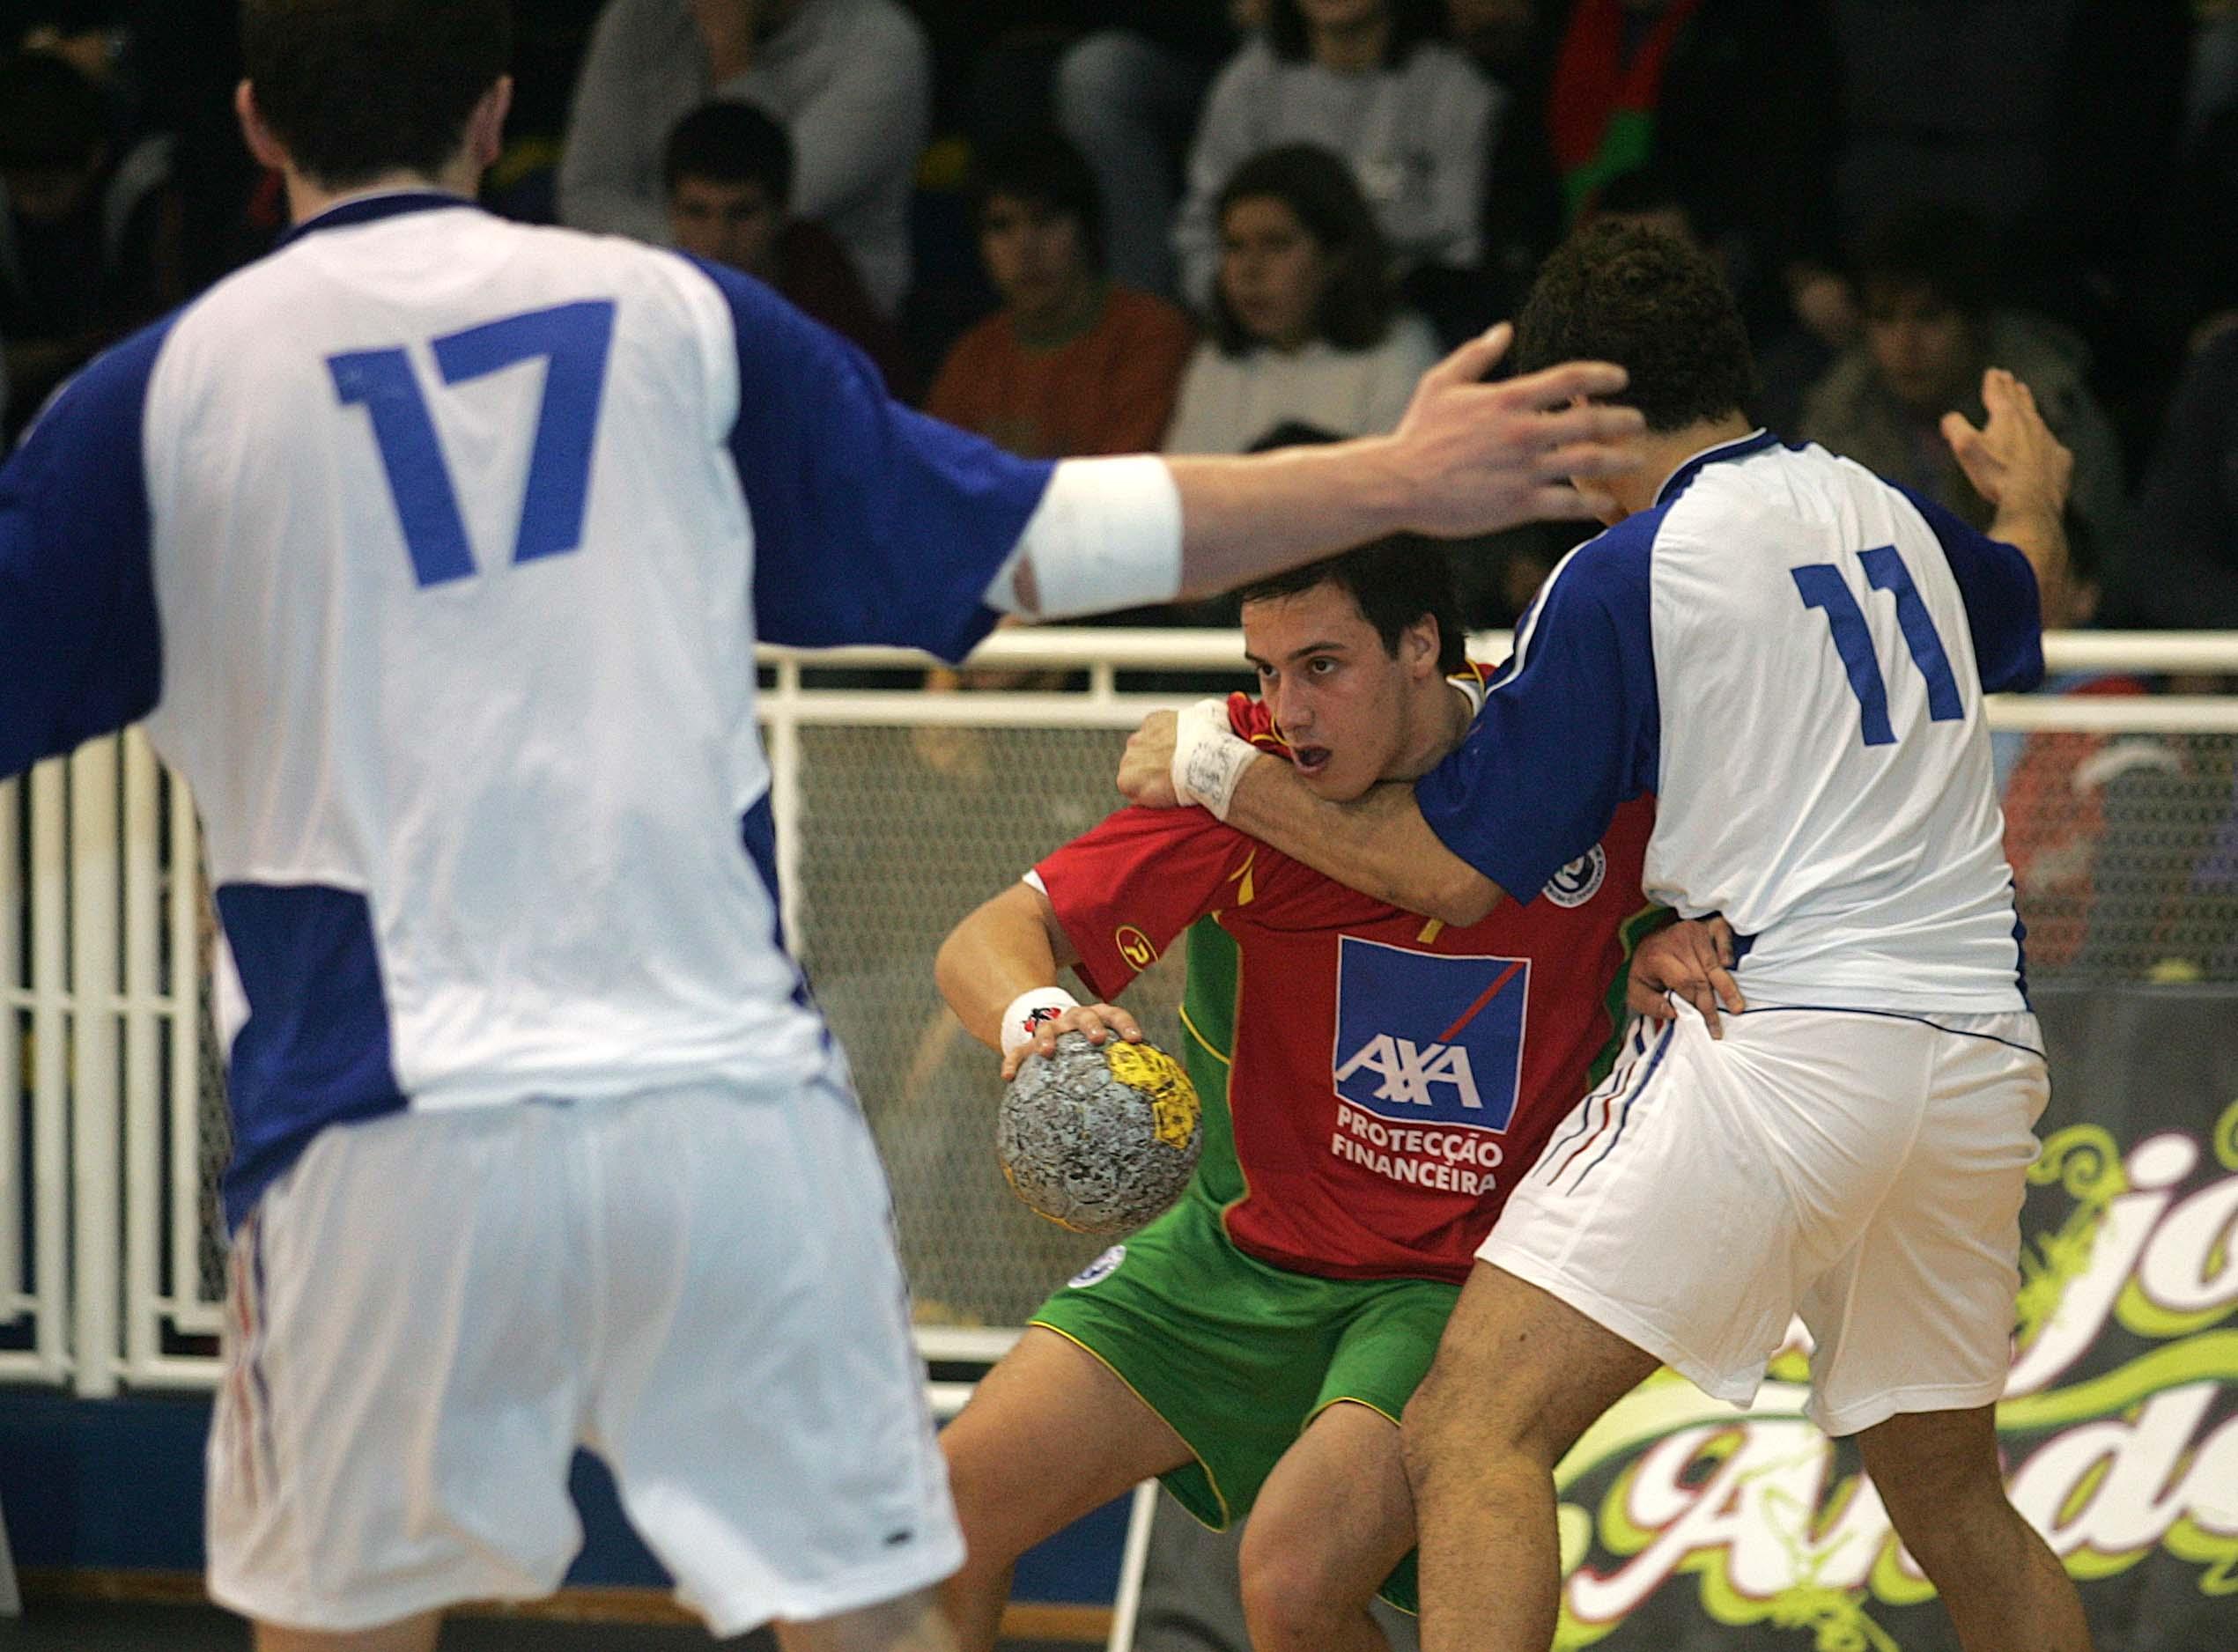 Torneio 4 Nações - França : Portugal 3